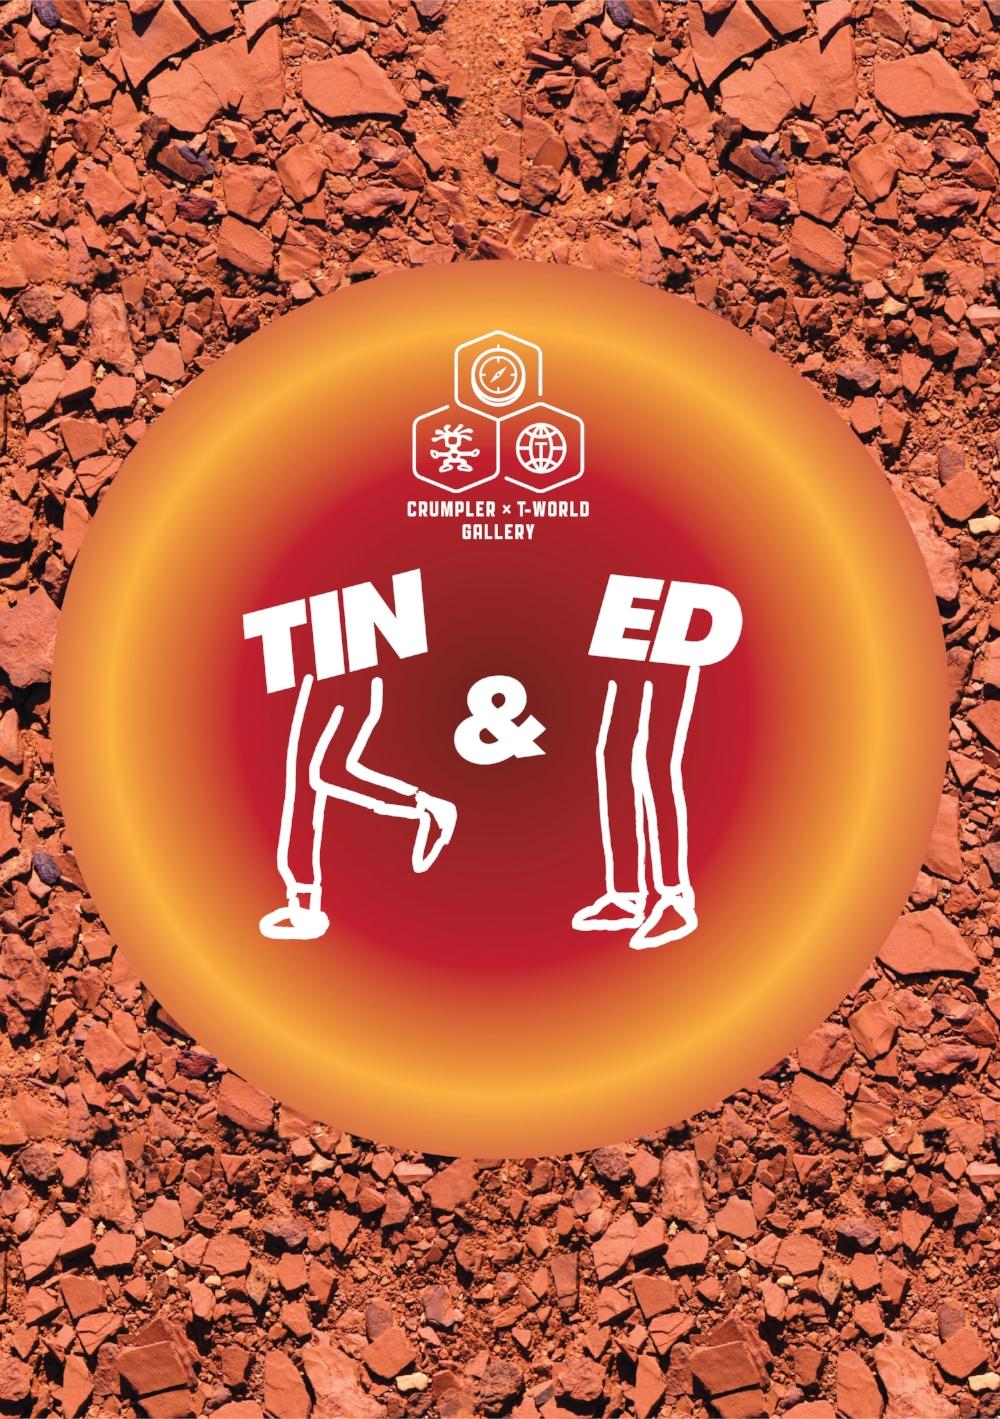 Tin&Ed DirtLogo Image.jpg